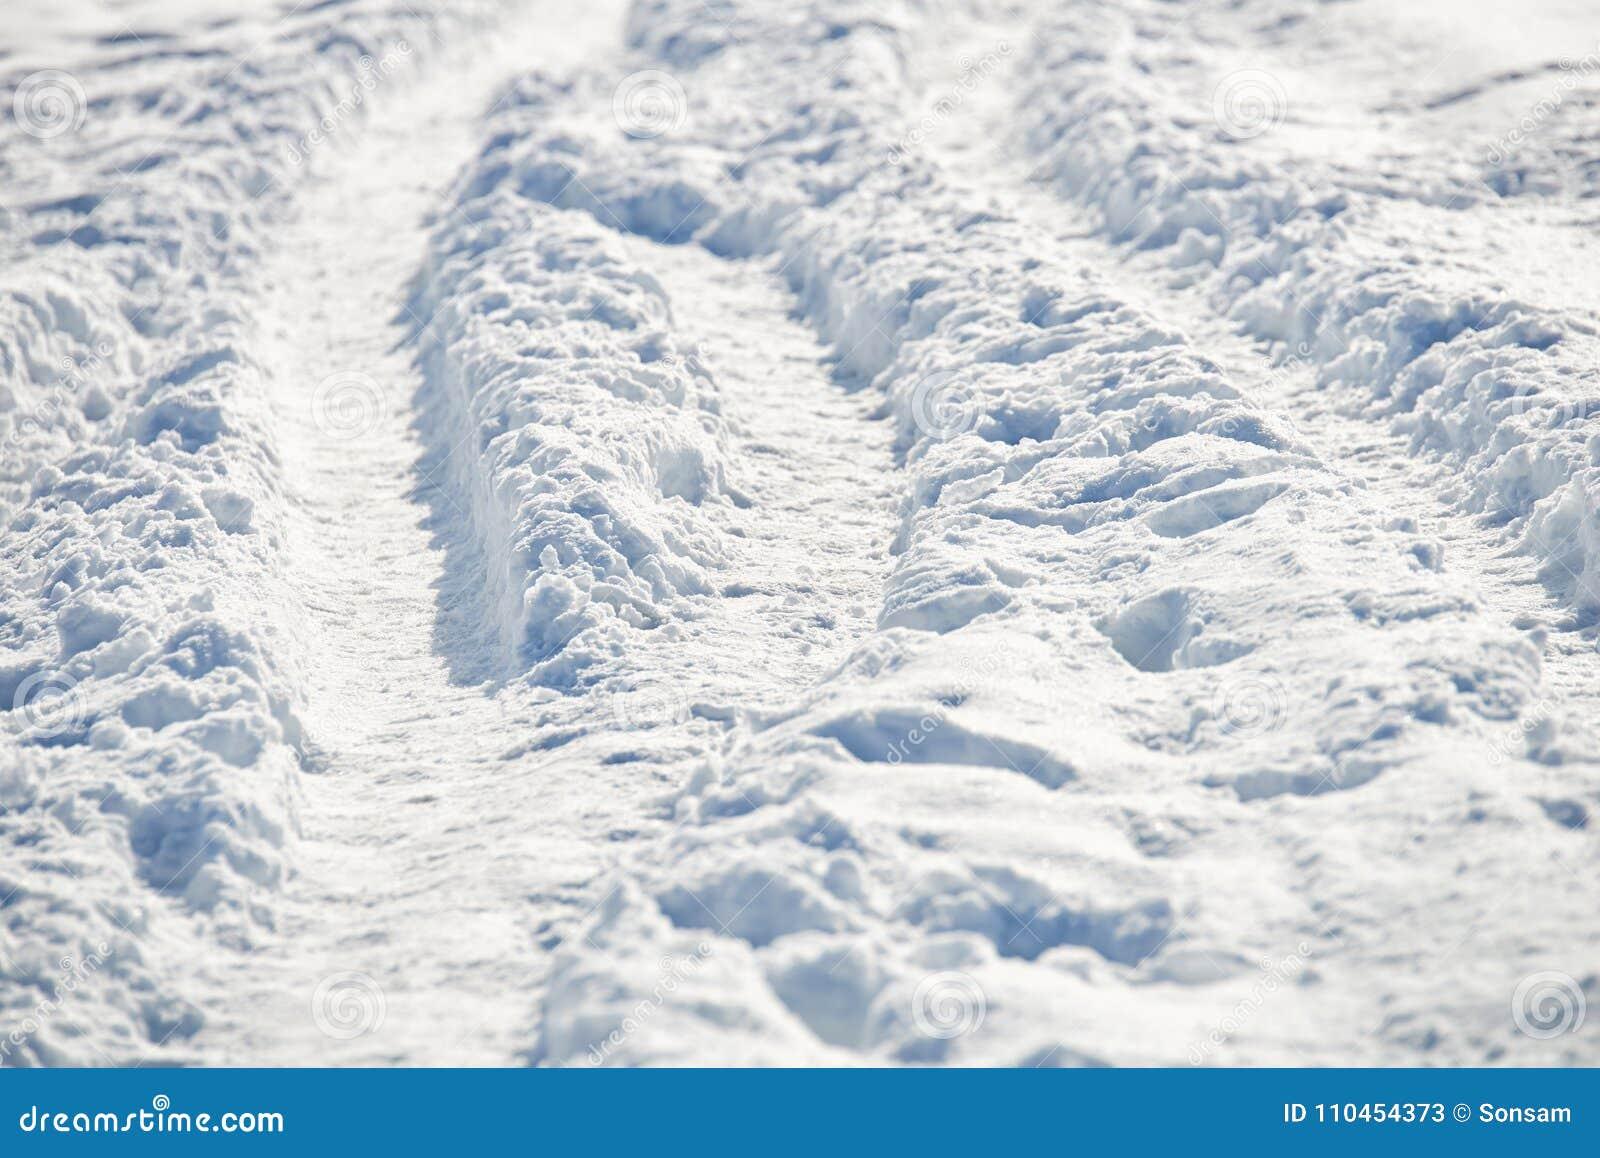 Bana i snö efter snöfall